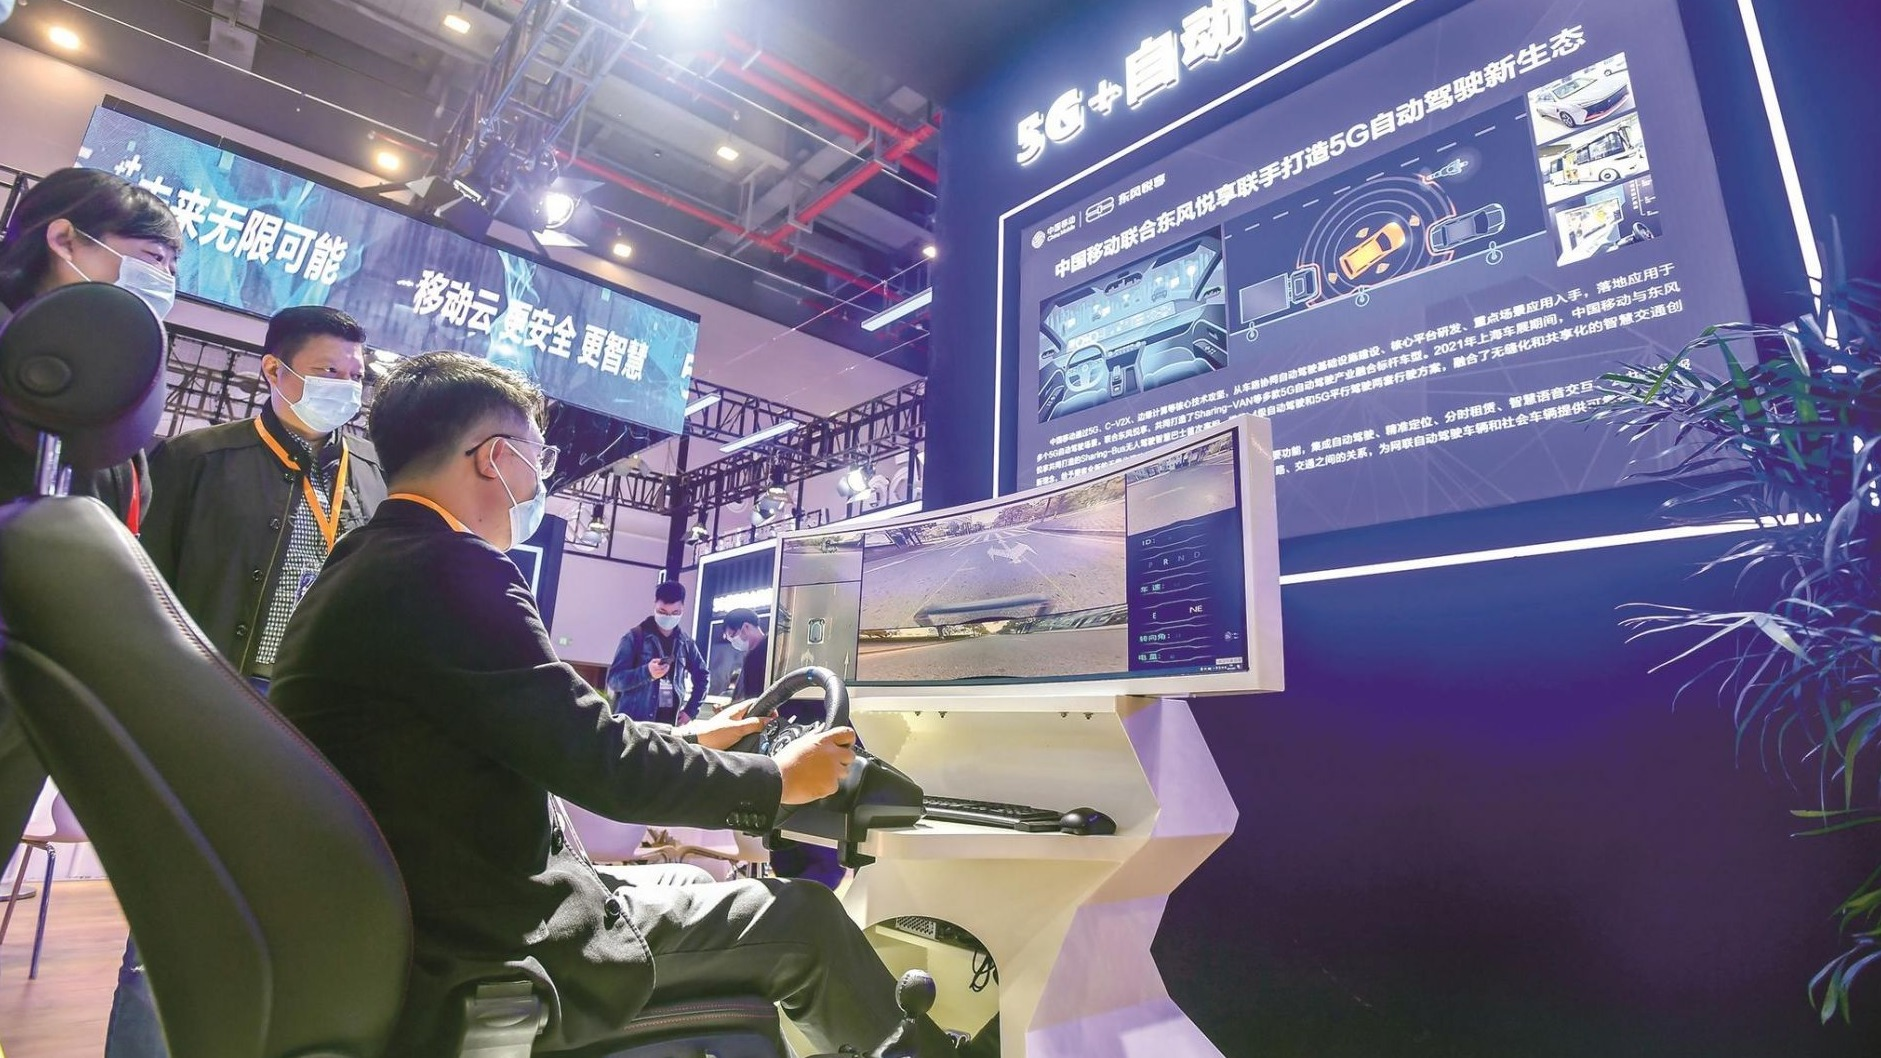 光电最新科技应用亮相光博会 炫目黑科技就在身边